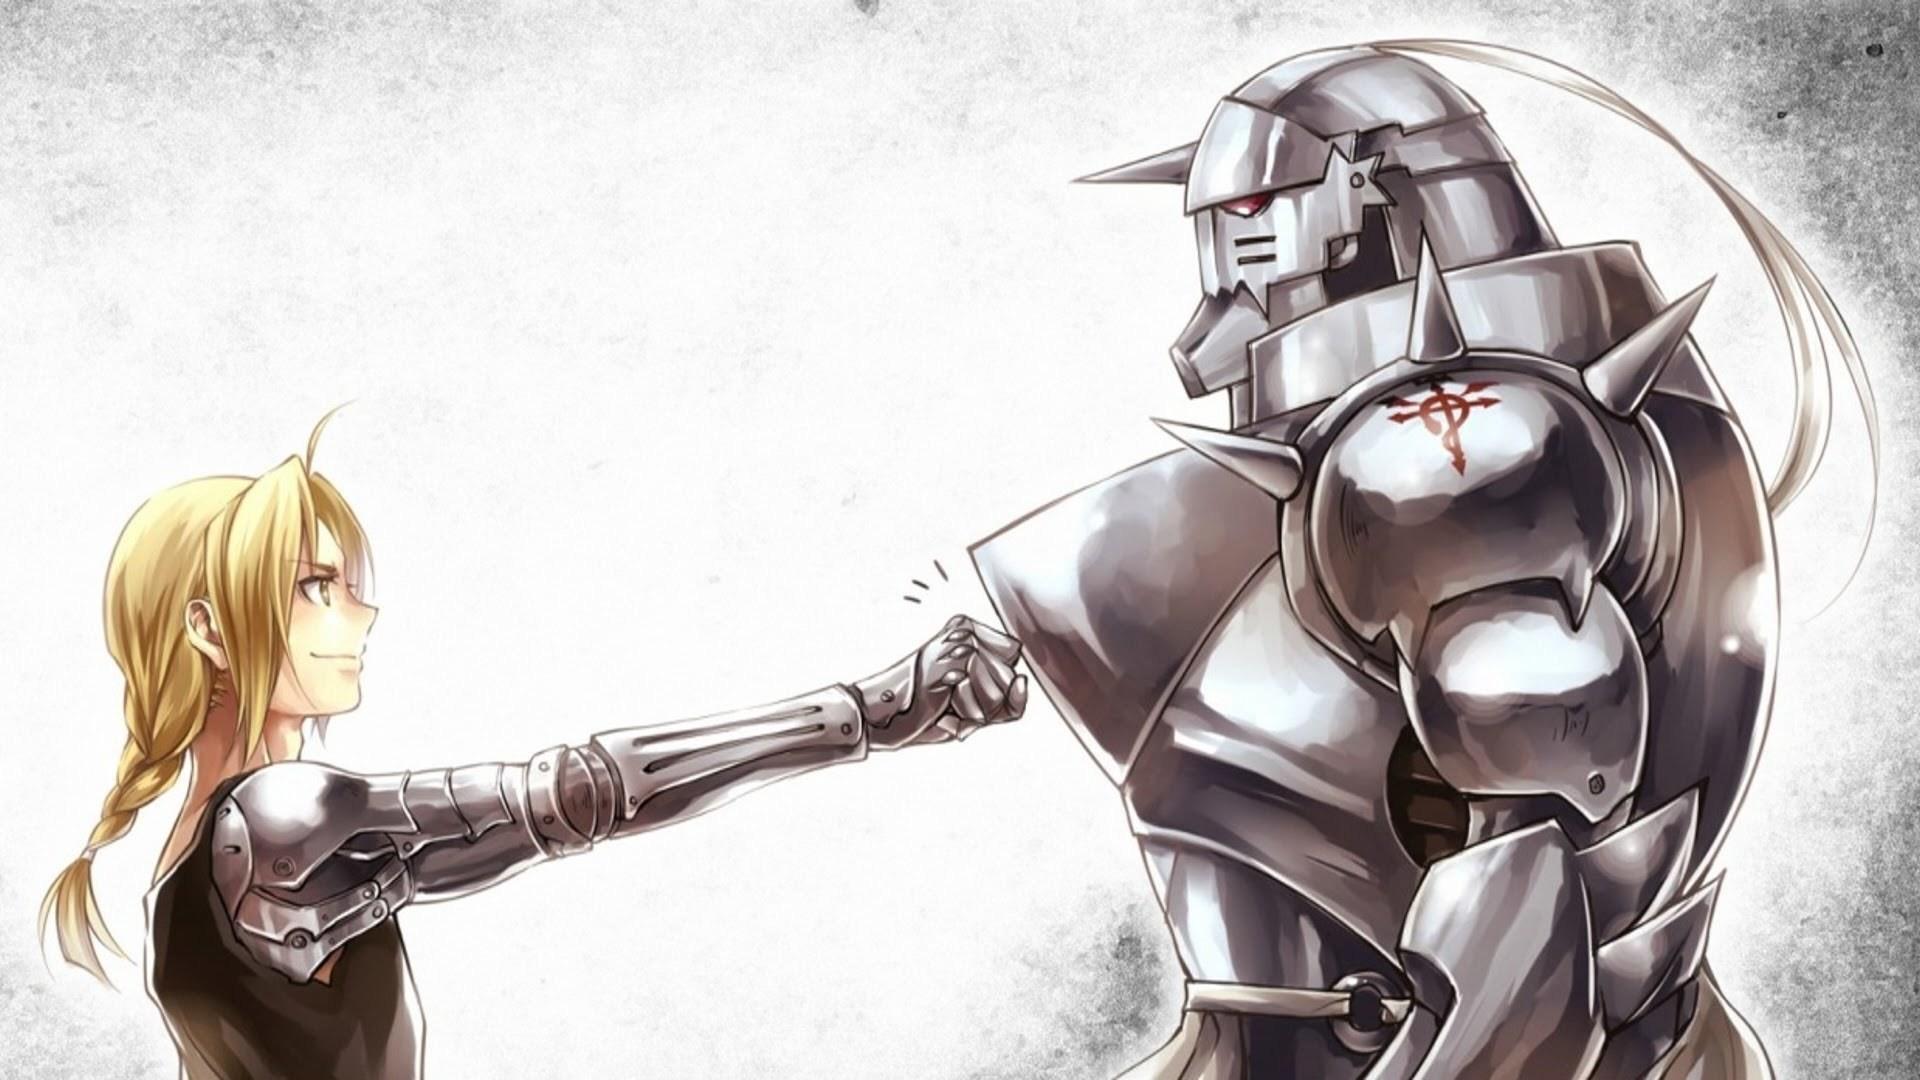 1101236_fullmetal-alchemist-brotherhood-wallpaper-hd.jpg